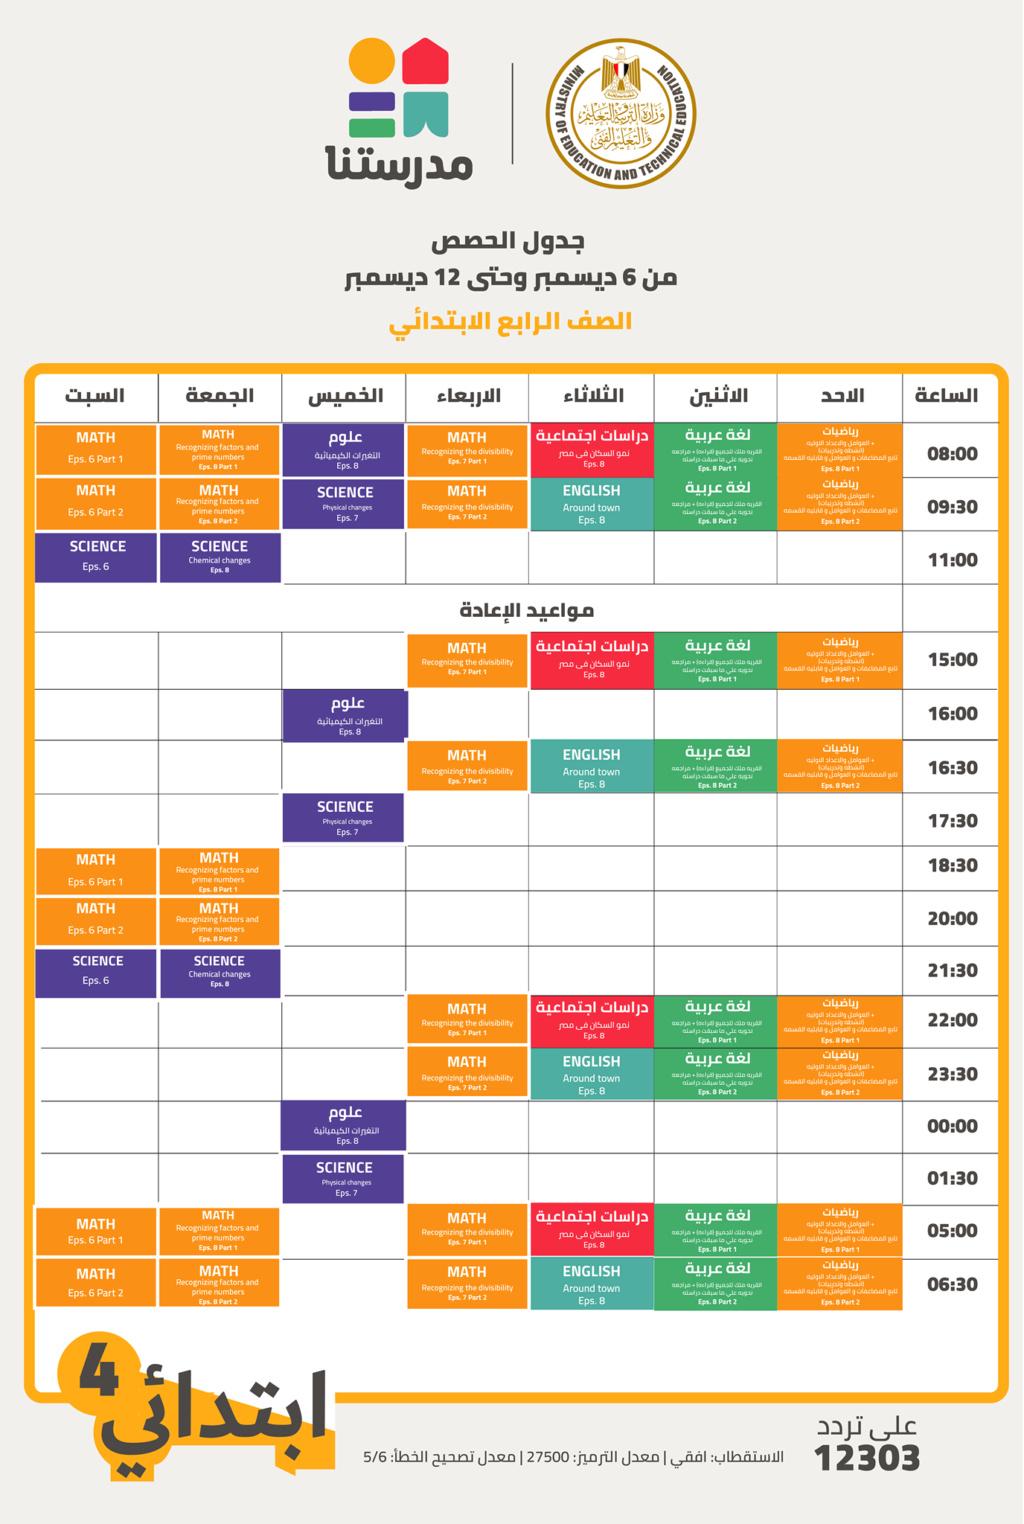 جدول حصص قناة مدرستنا الأسبوع الثامن لصفوف المرحلتين الابتدئية والاعدادية 1241